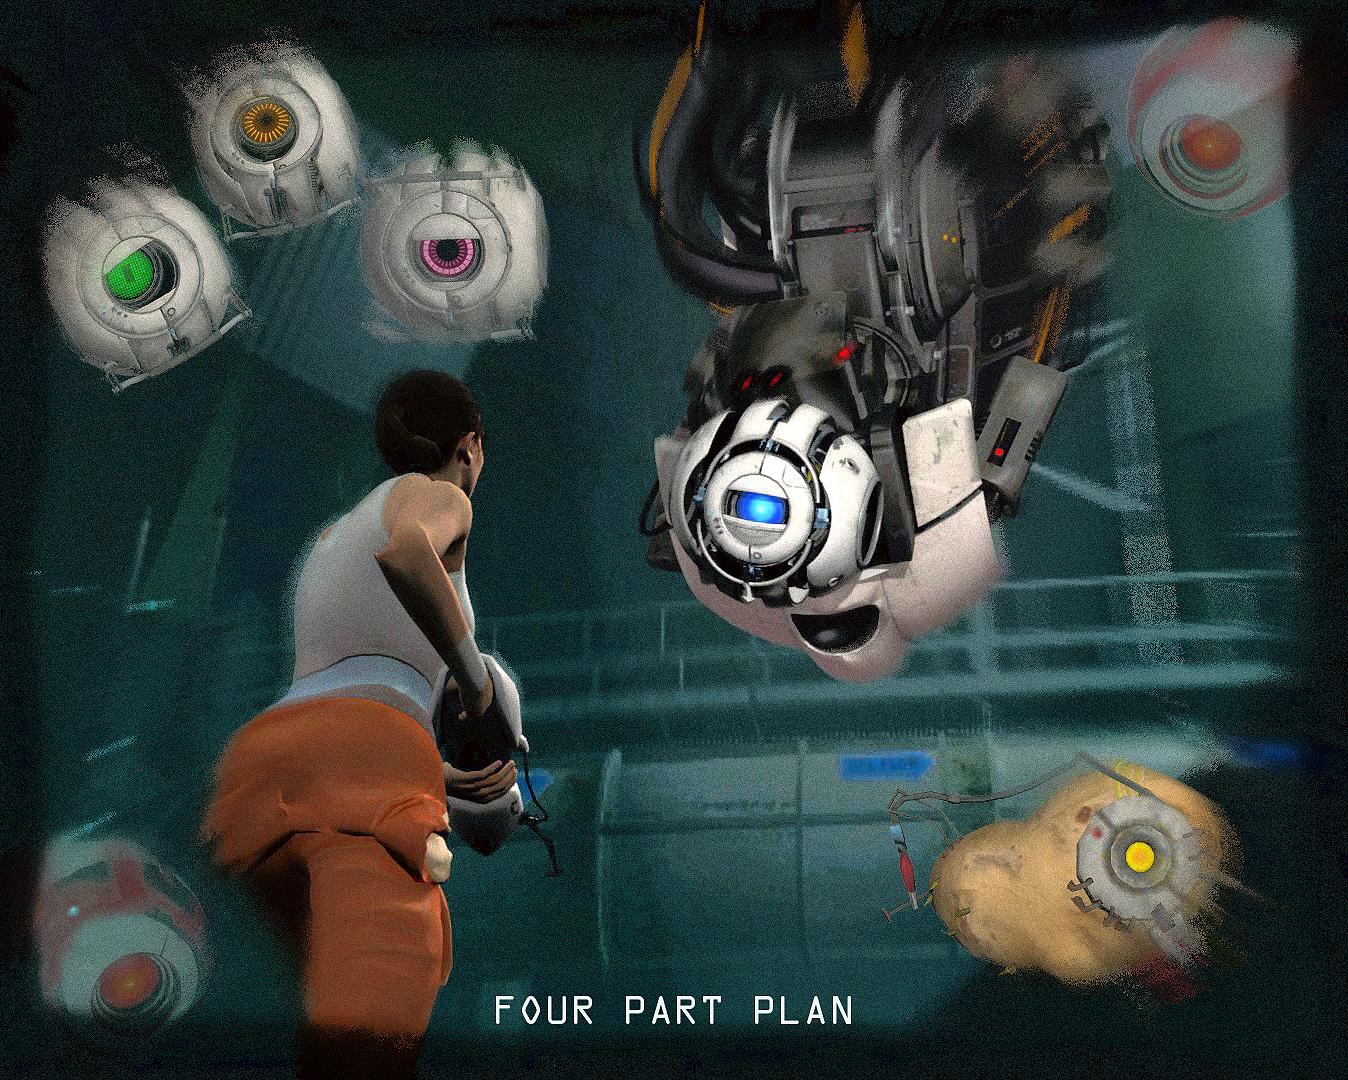 Four Part Plan by toughraid3r37890